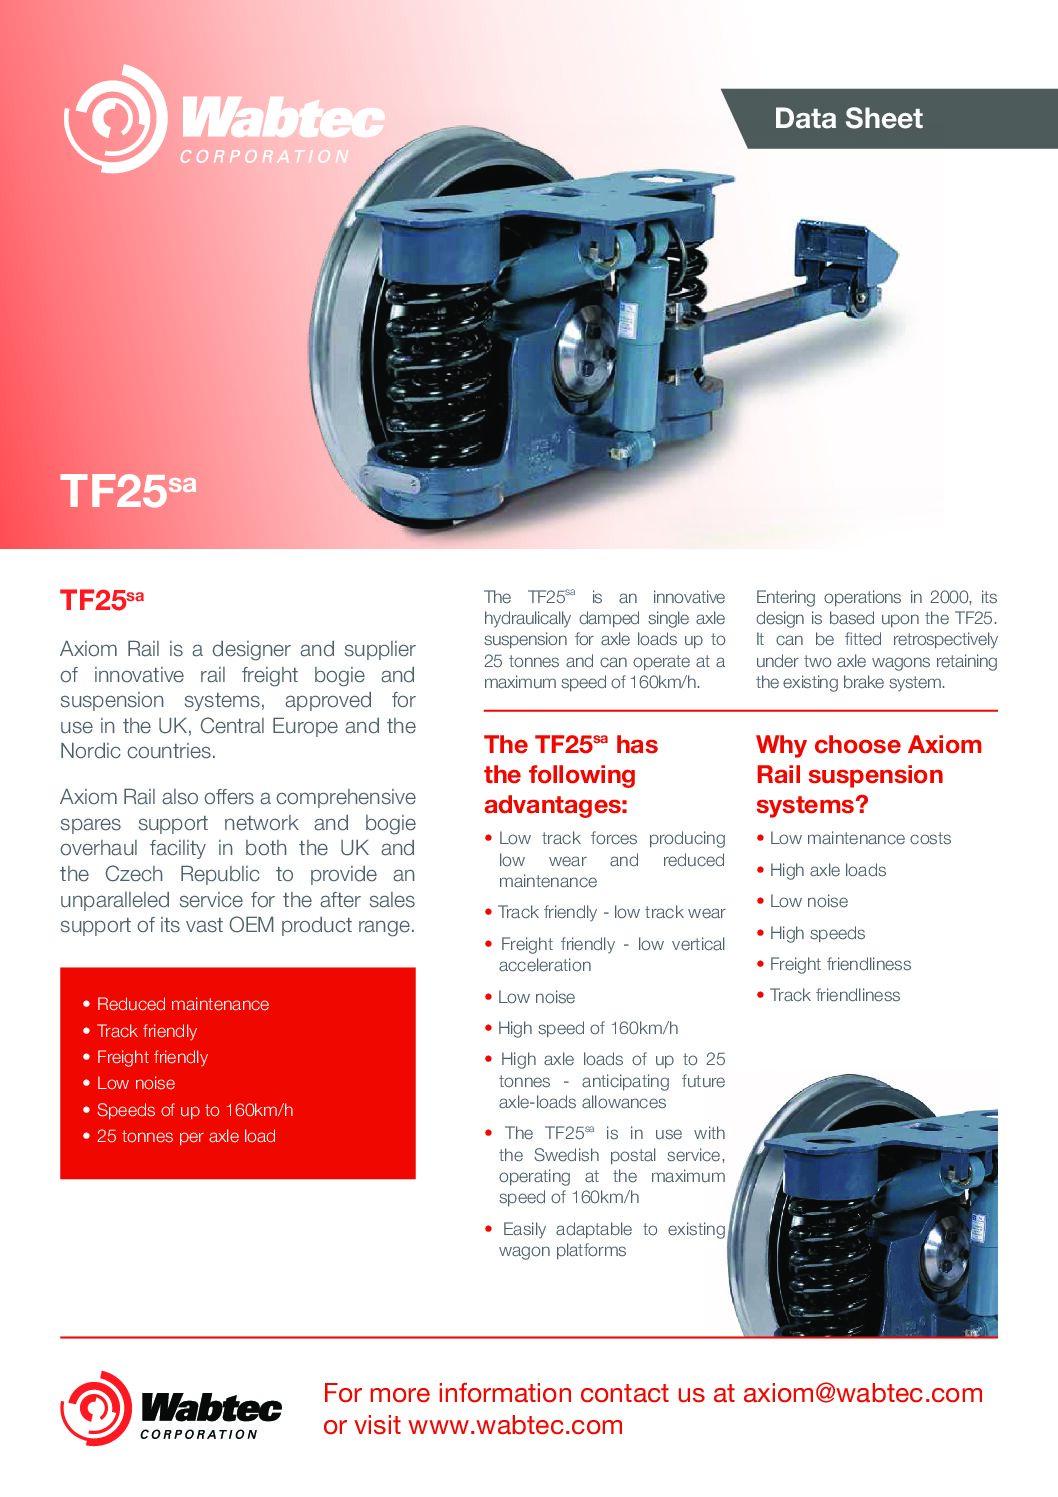 Wabtec Axiom TF25sa Single Axle Suspension